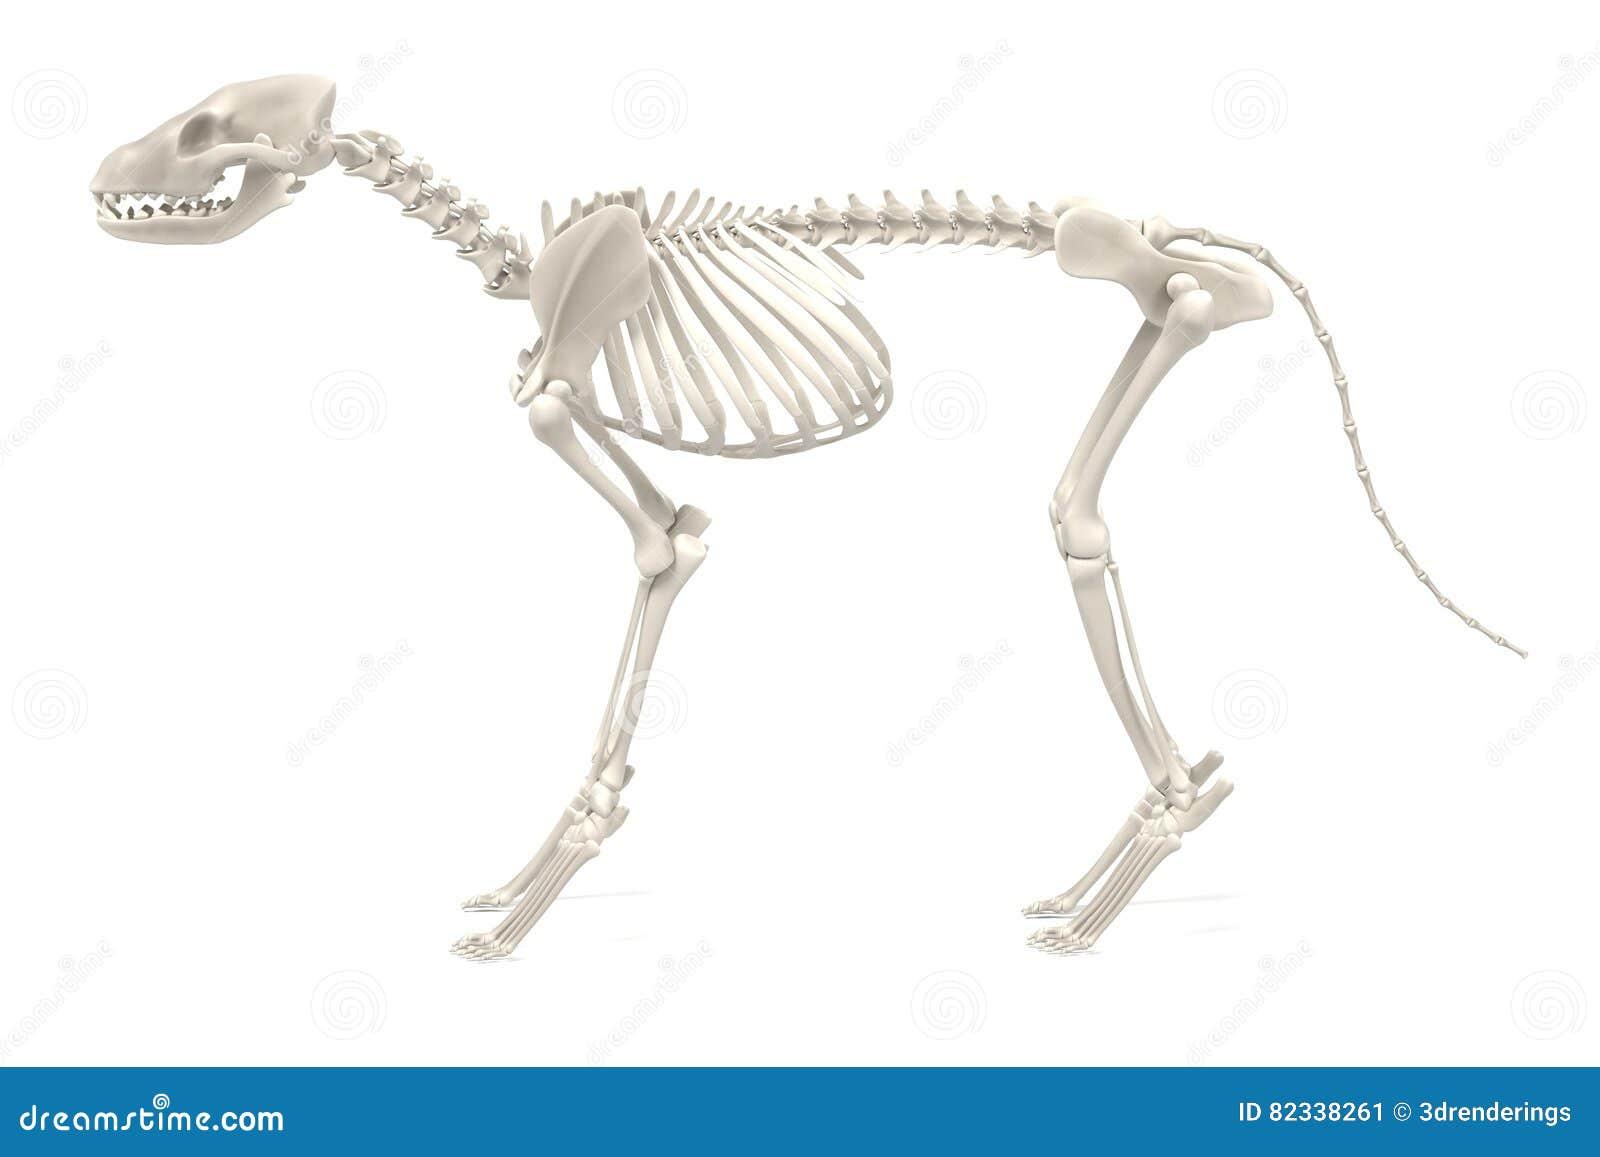 Hondskelet